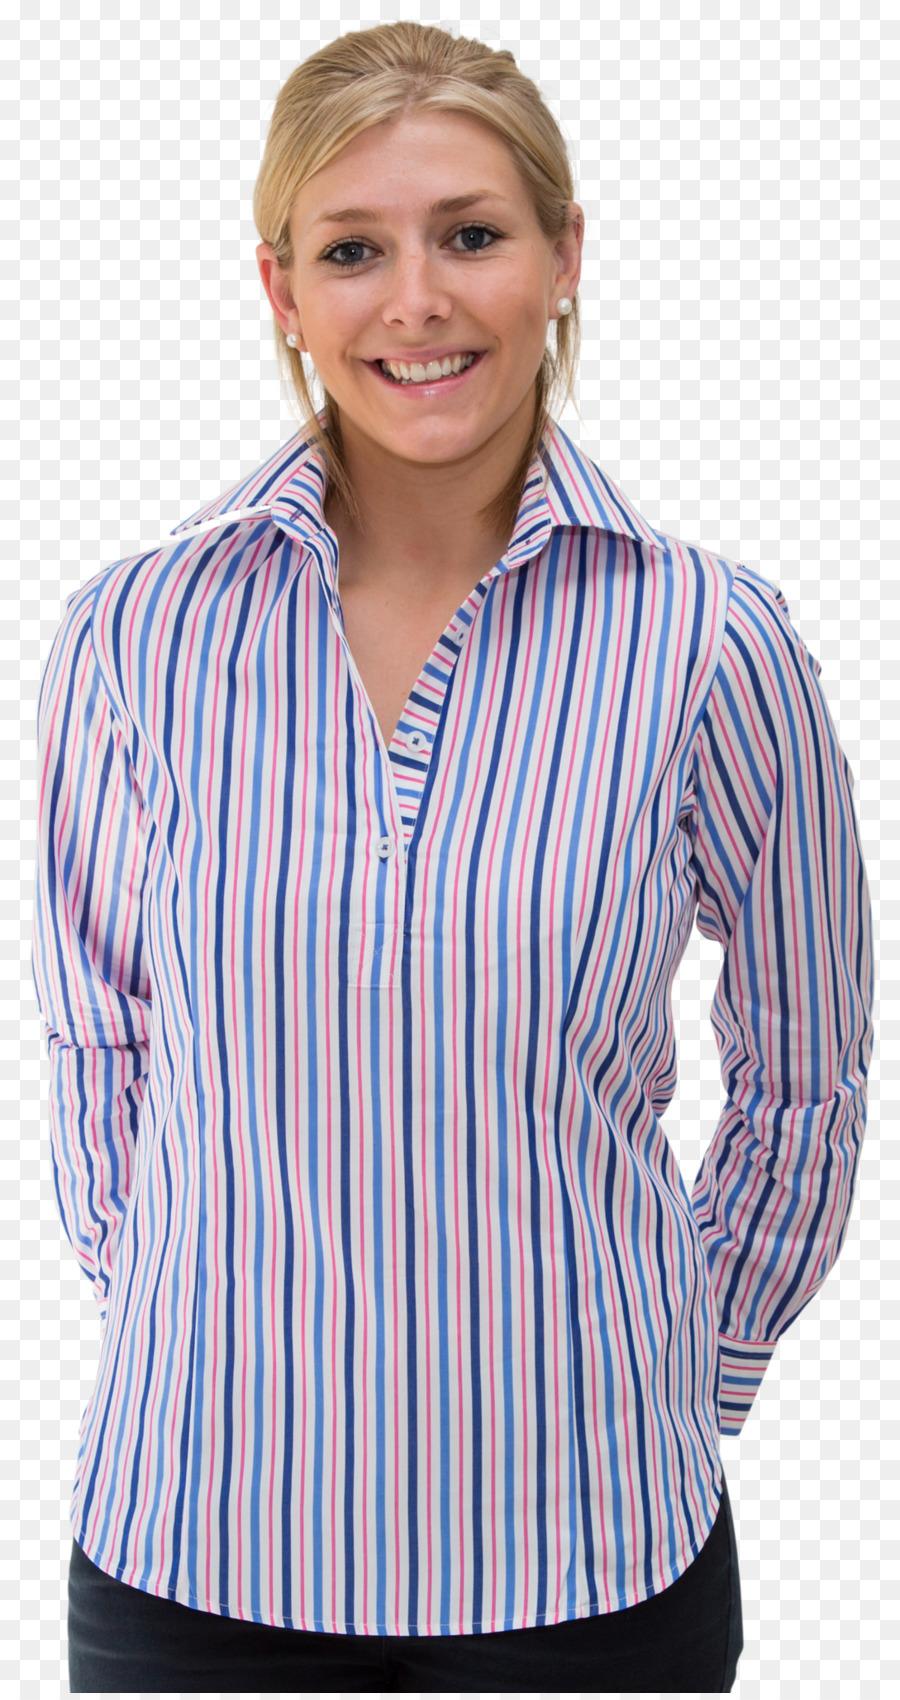 Descarga gratuita de Camisa De Vestir, Azul, Blusa imágenes PNG